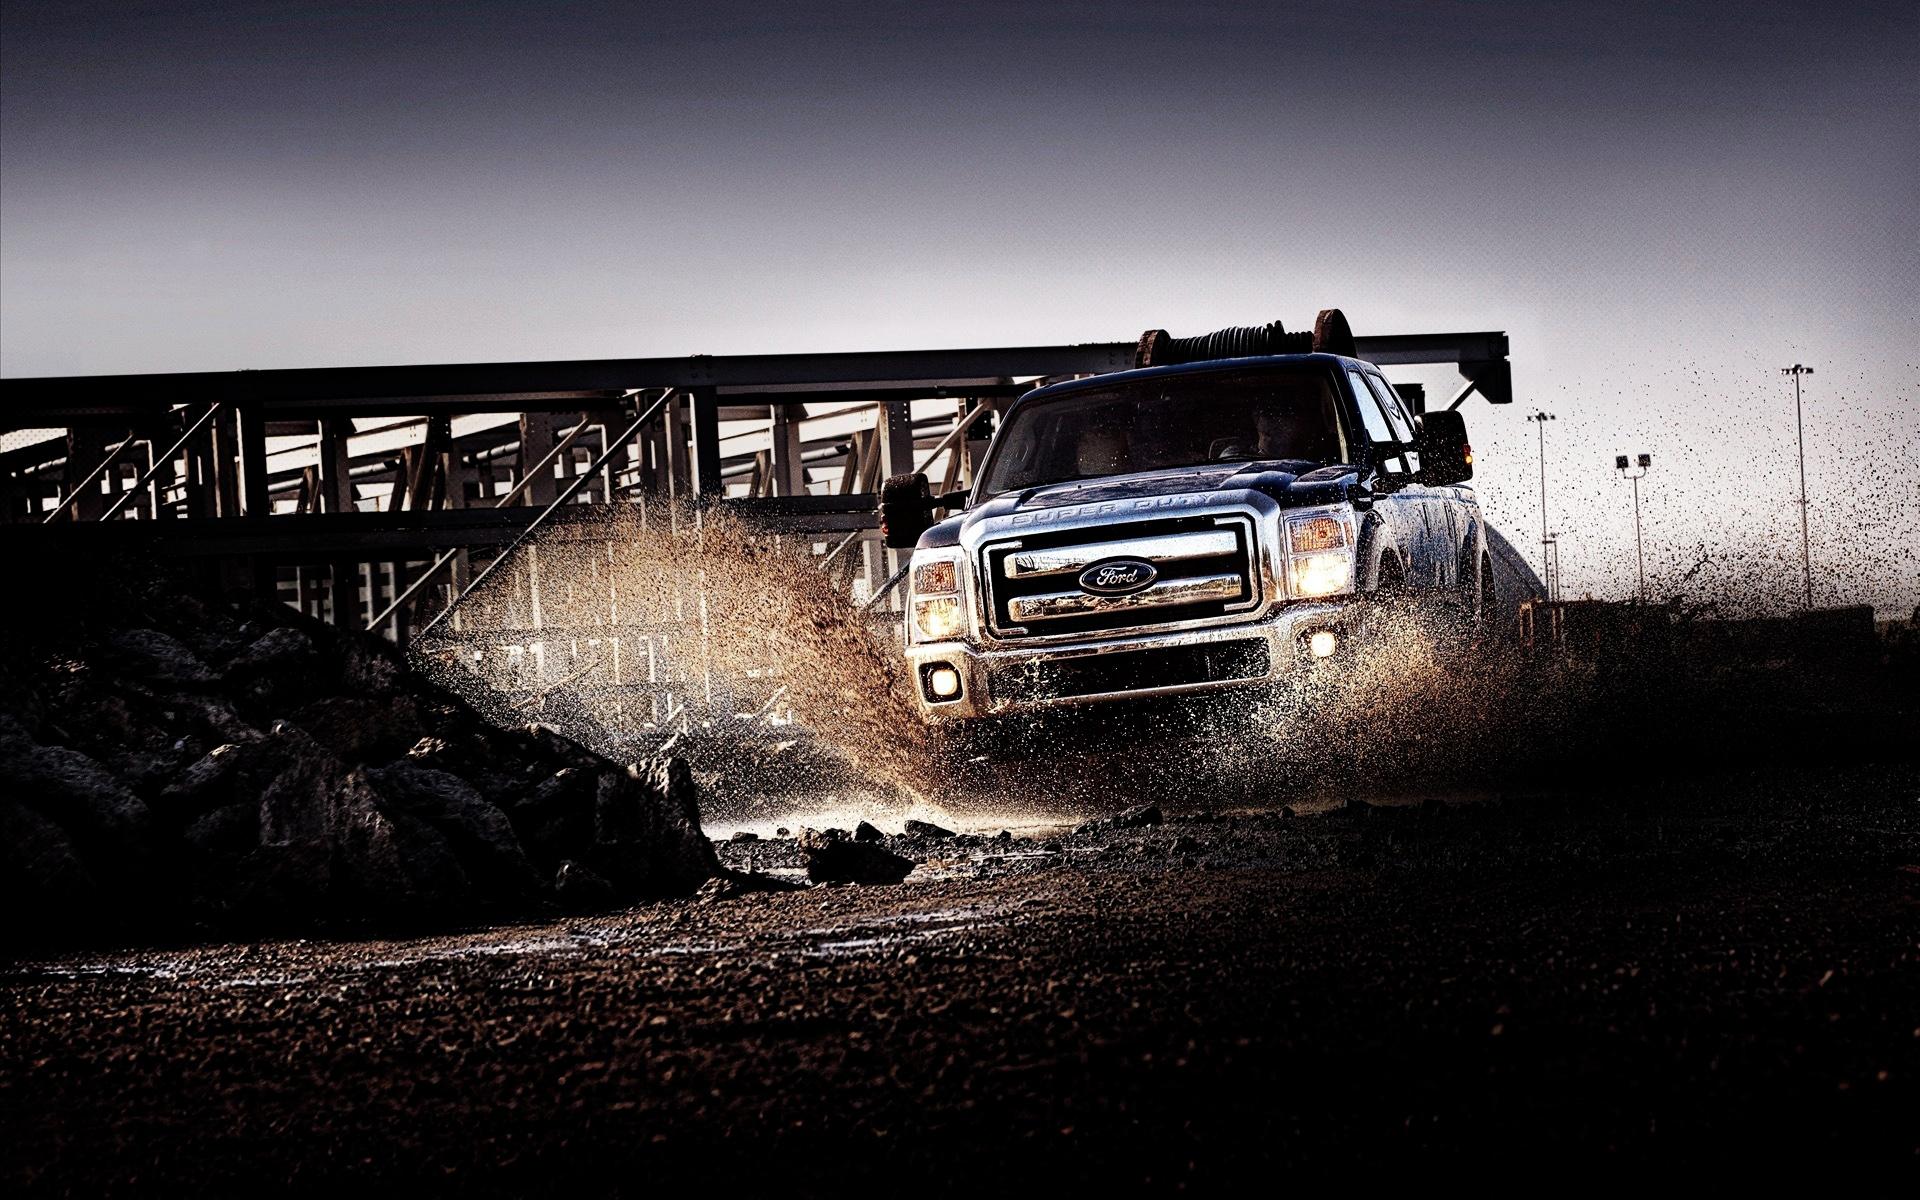 35842 Hintergrundbild herunterladen Ford, Transport, Auto - Bildschirmschoner und Bilder kostenlos